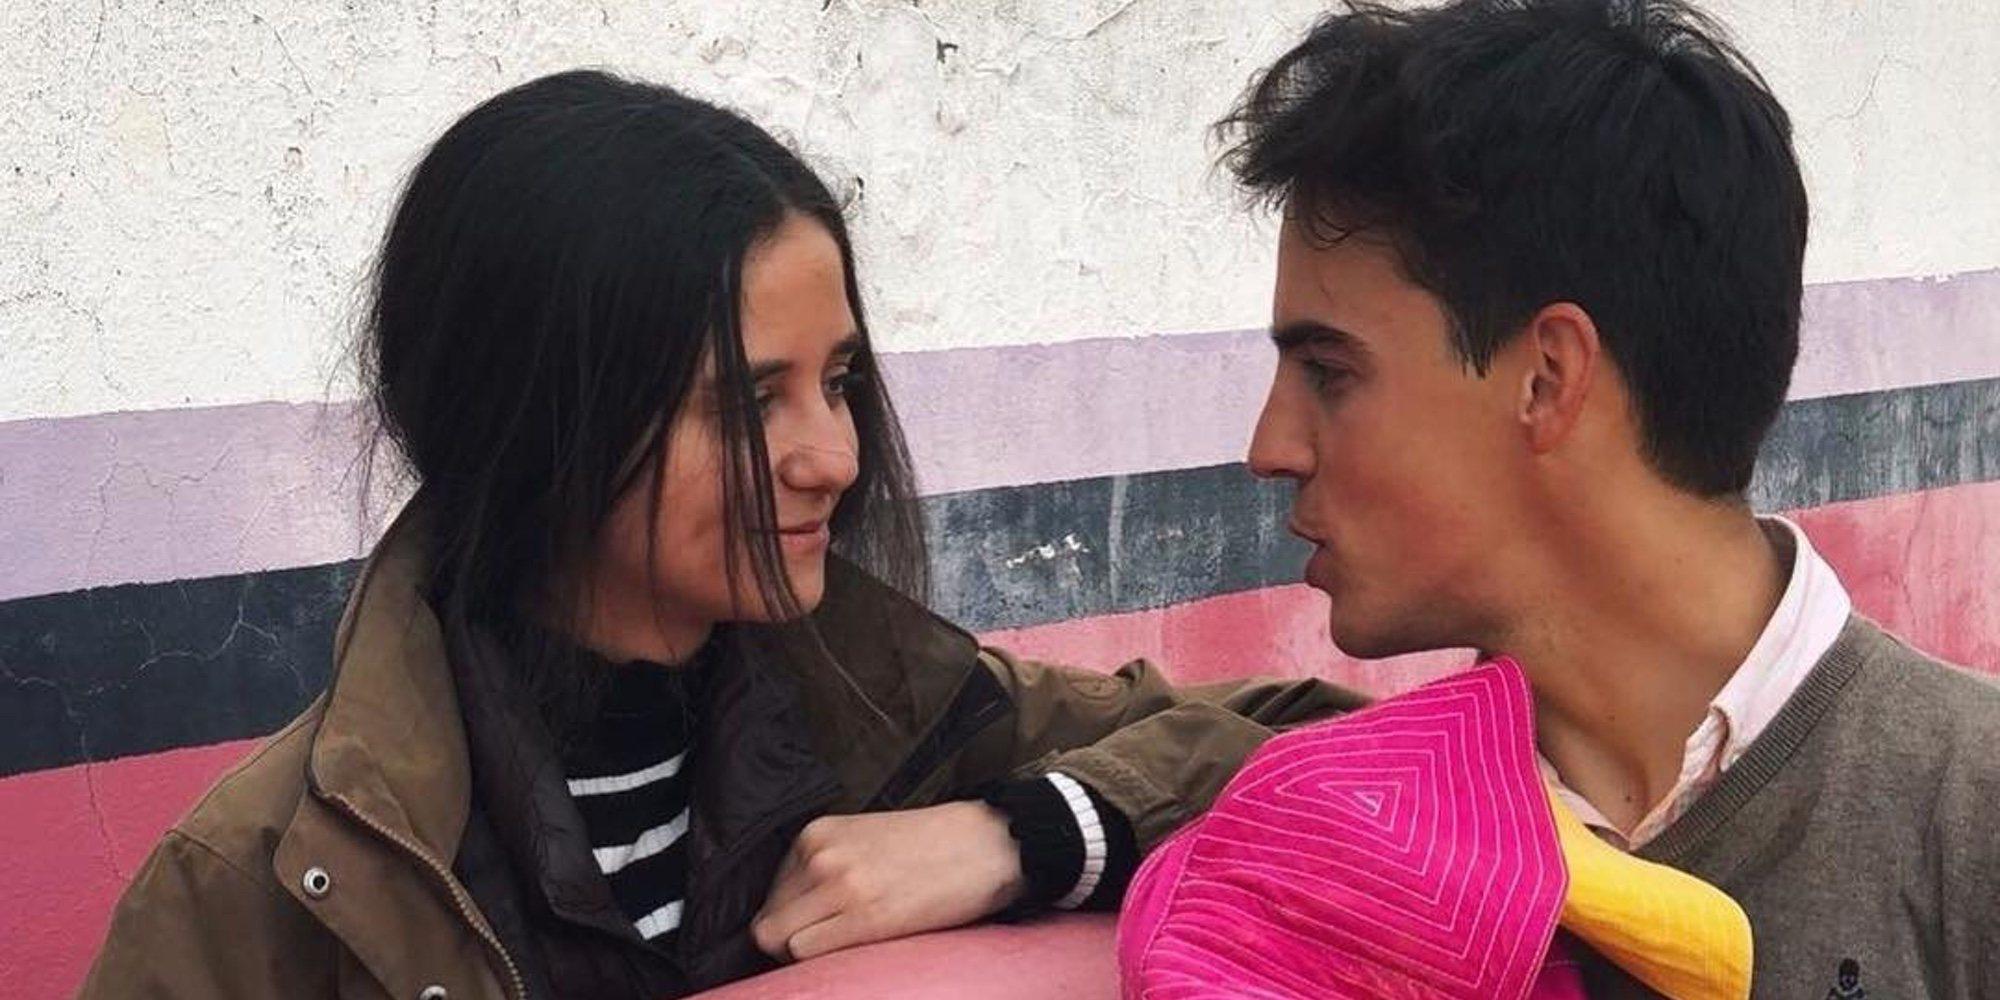 La complicidad entre abrazos y sonrisas de Victoria Federica y Gonzalo Caballero